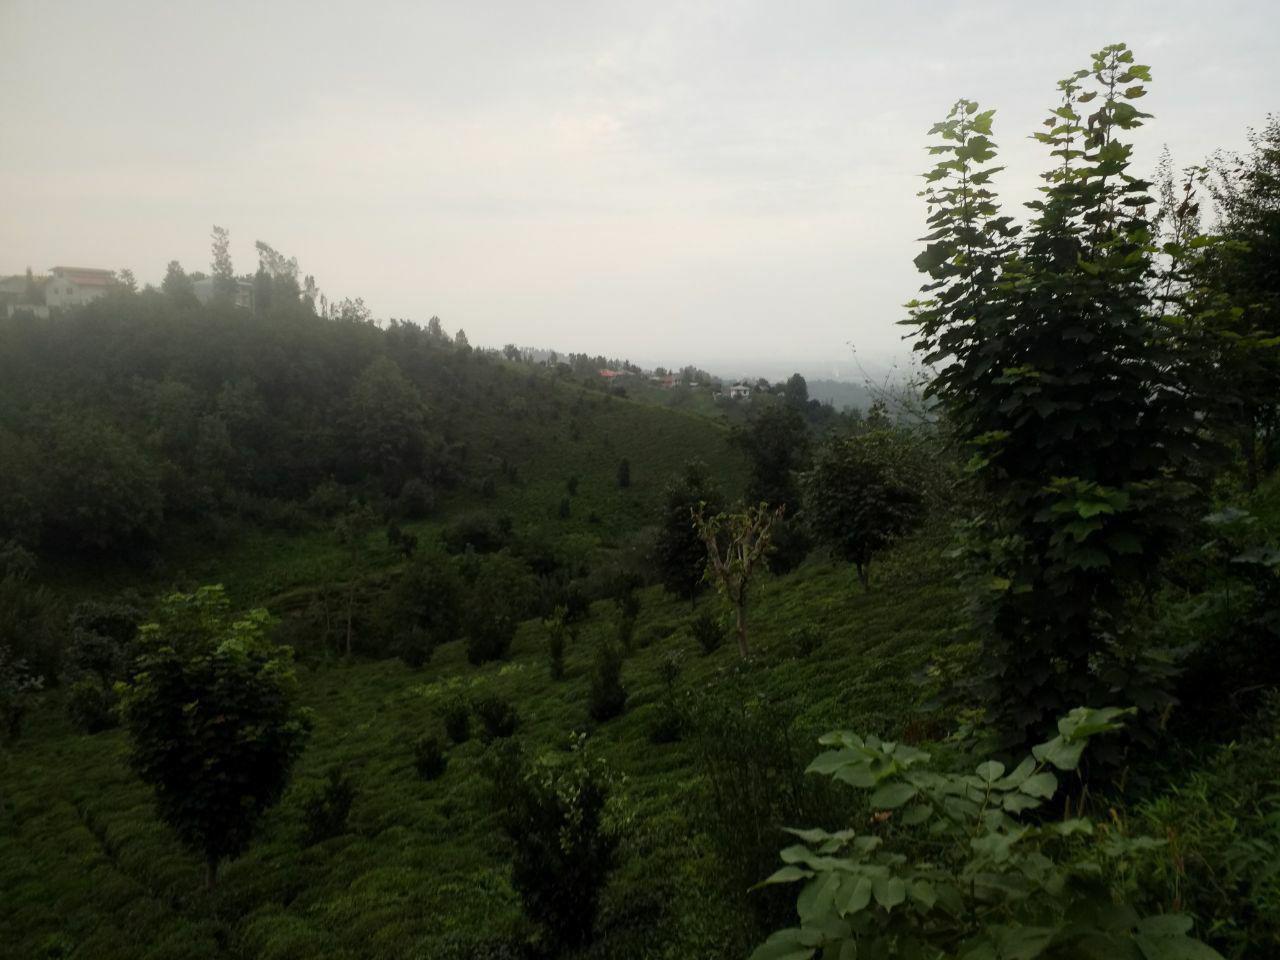 فروش  زمین 1100 متری کوهستانی رانکوه